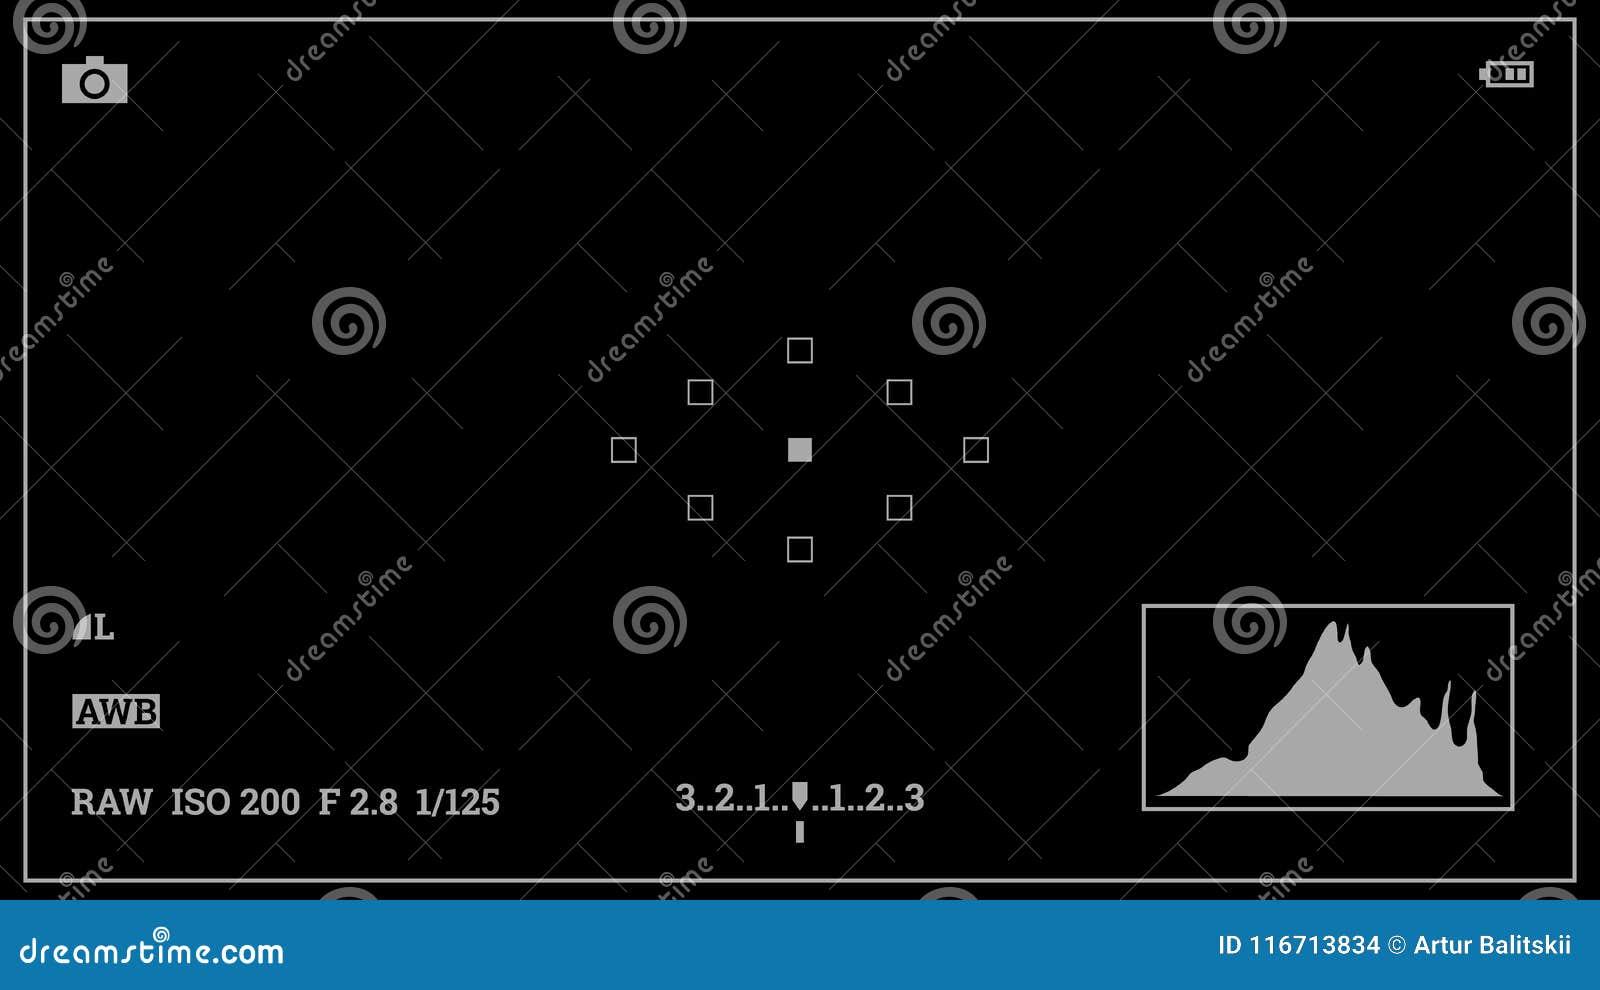 Fein Rahmen Foto Video Galerie - Benutzerdefinierte Bilderrahmen ...